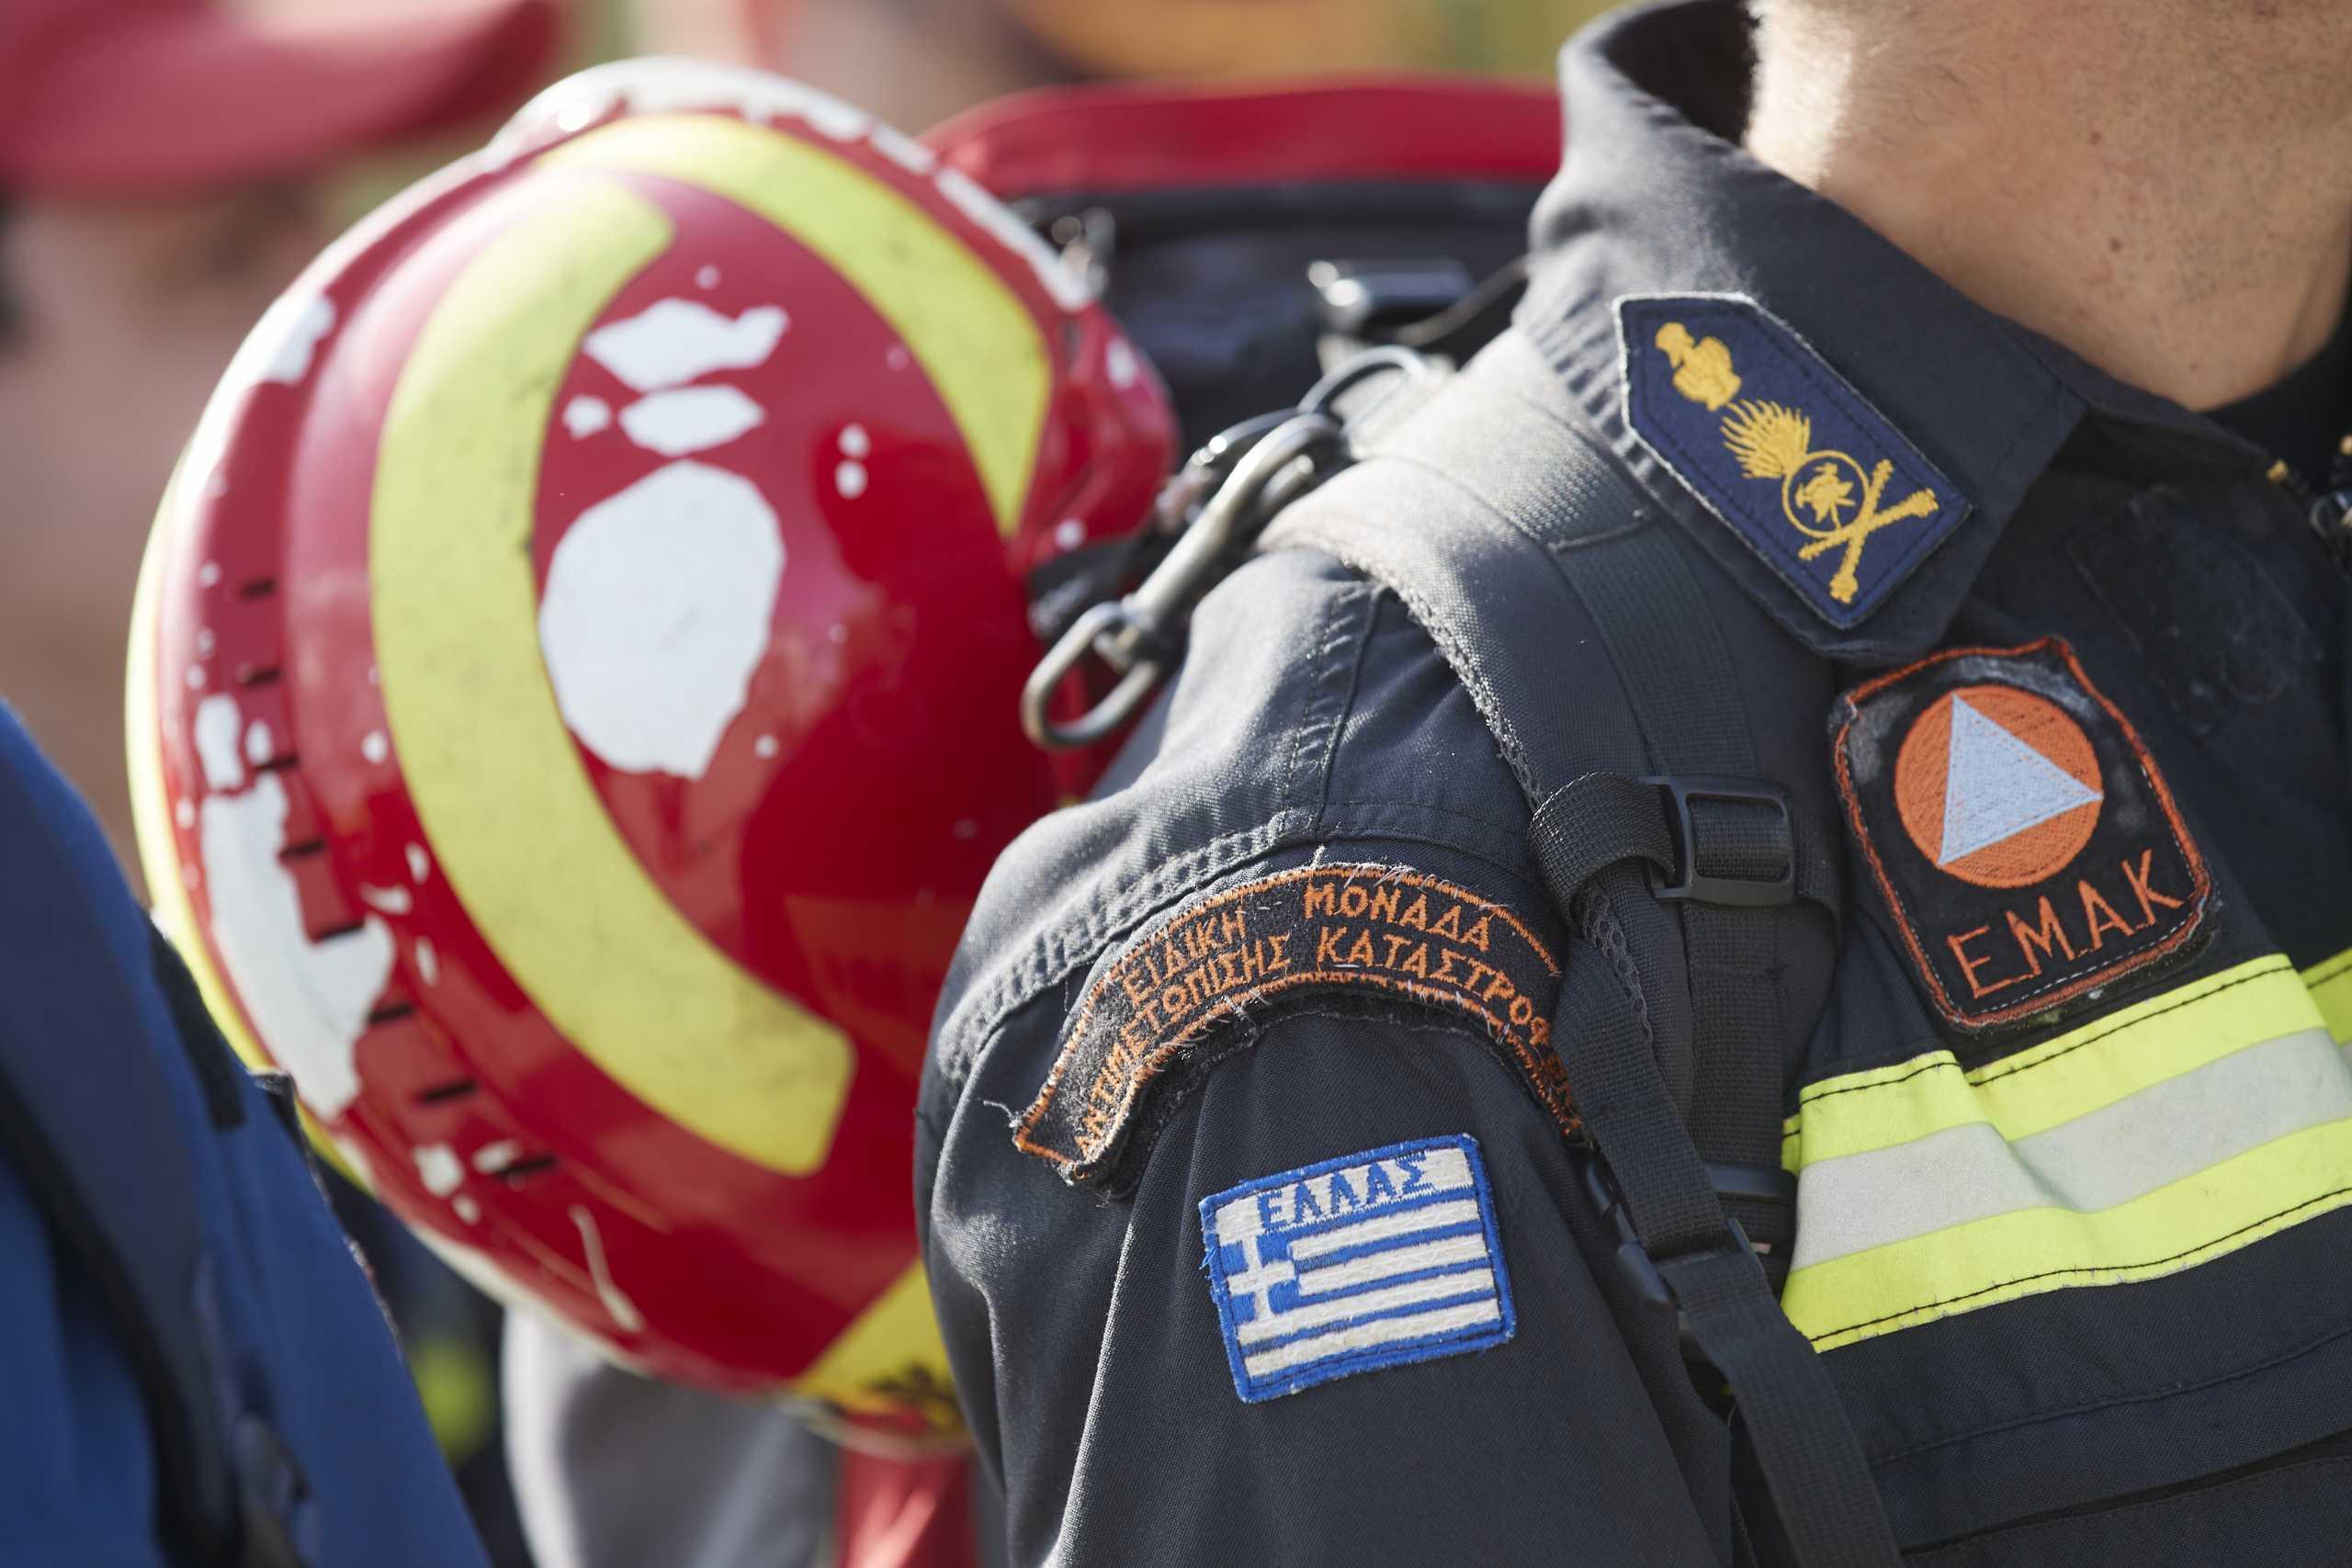 Θεσπρωτία: Κινητοποίηση για έναν αγνοούμενο από ΕΜΑΚ και πυροσβεστική με σκύλο έρευνας